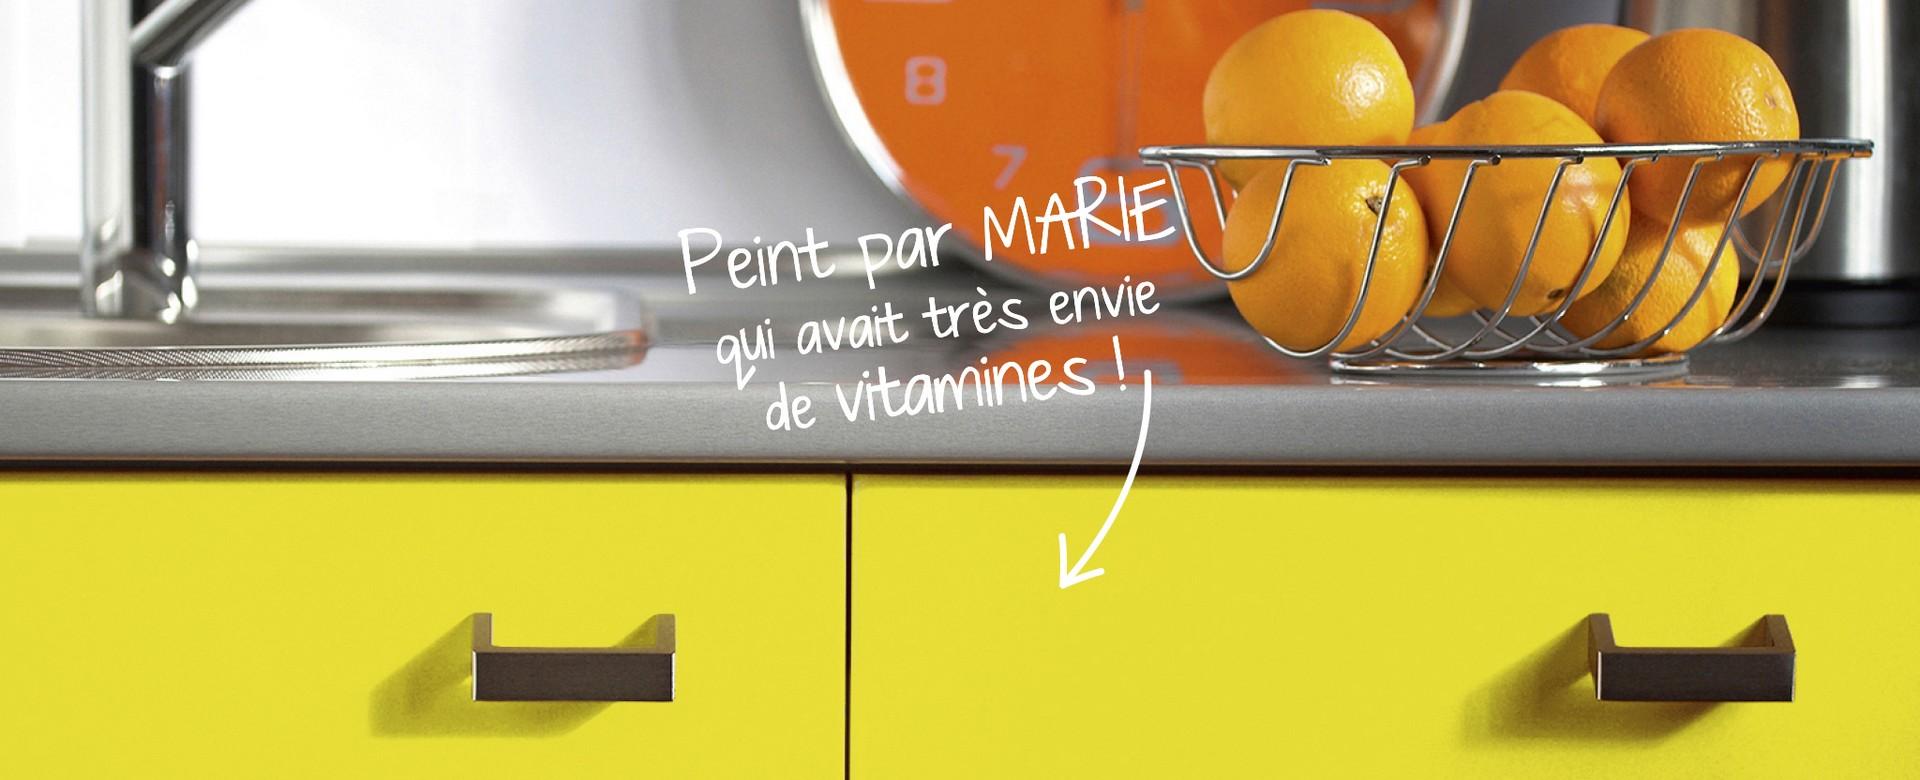 Peinture cuisine meubles jaunes